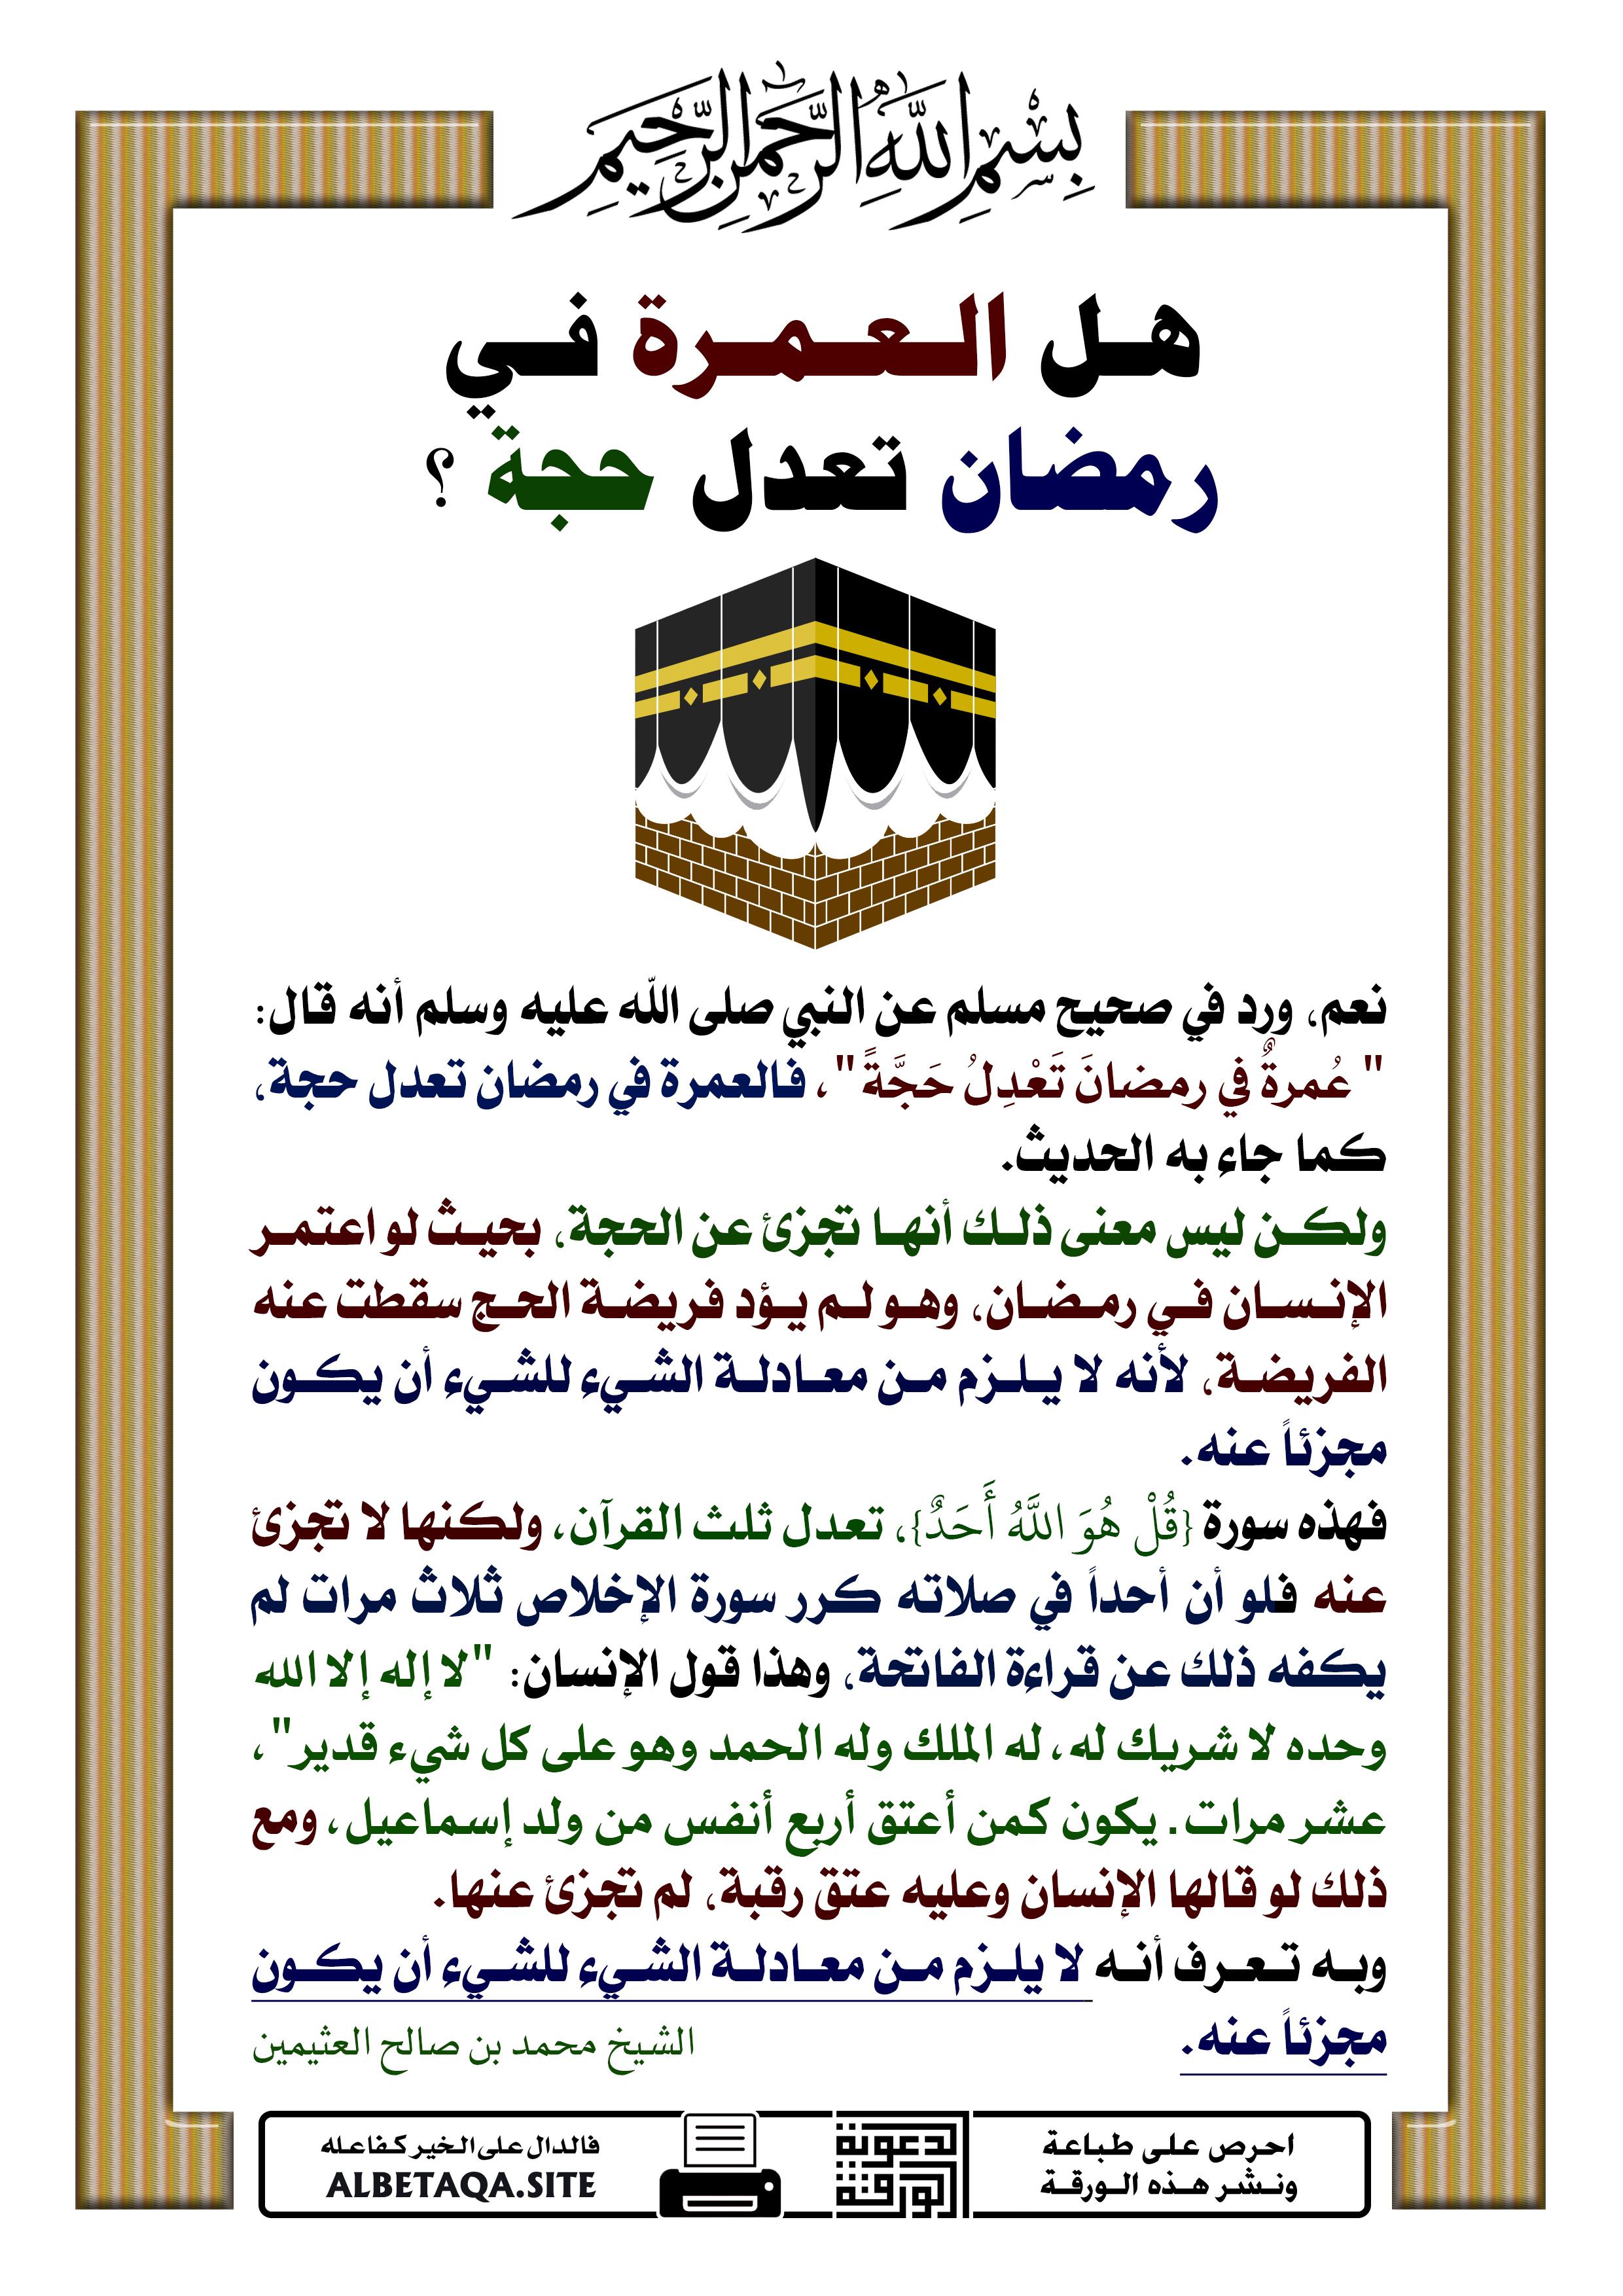 هل العمرة في رمضان تعدل حجة موقع البطاقة الدعوي